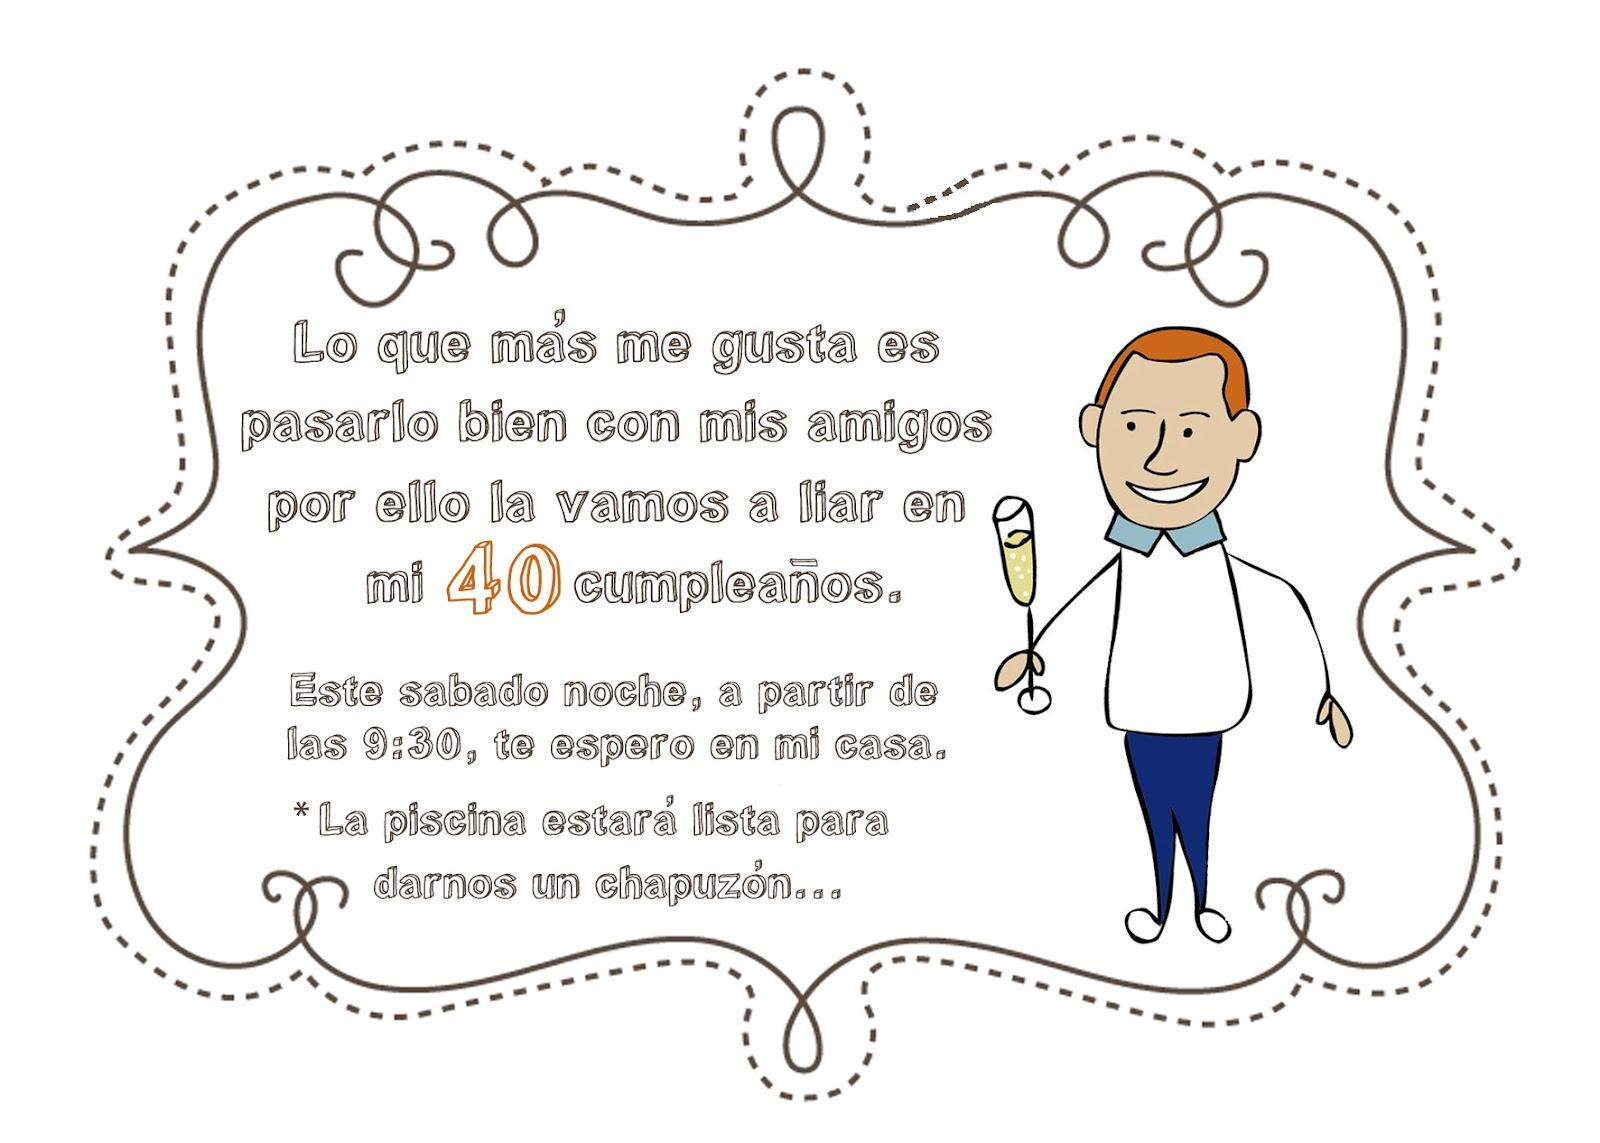 Sweets and the city junio 2012 - Ideas originales para 40 cumpleanos ...